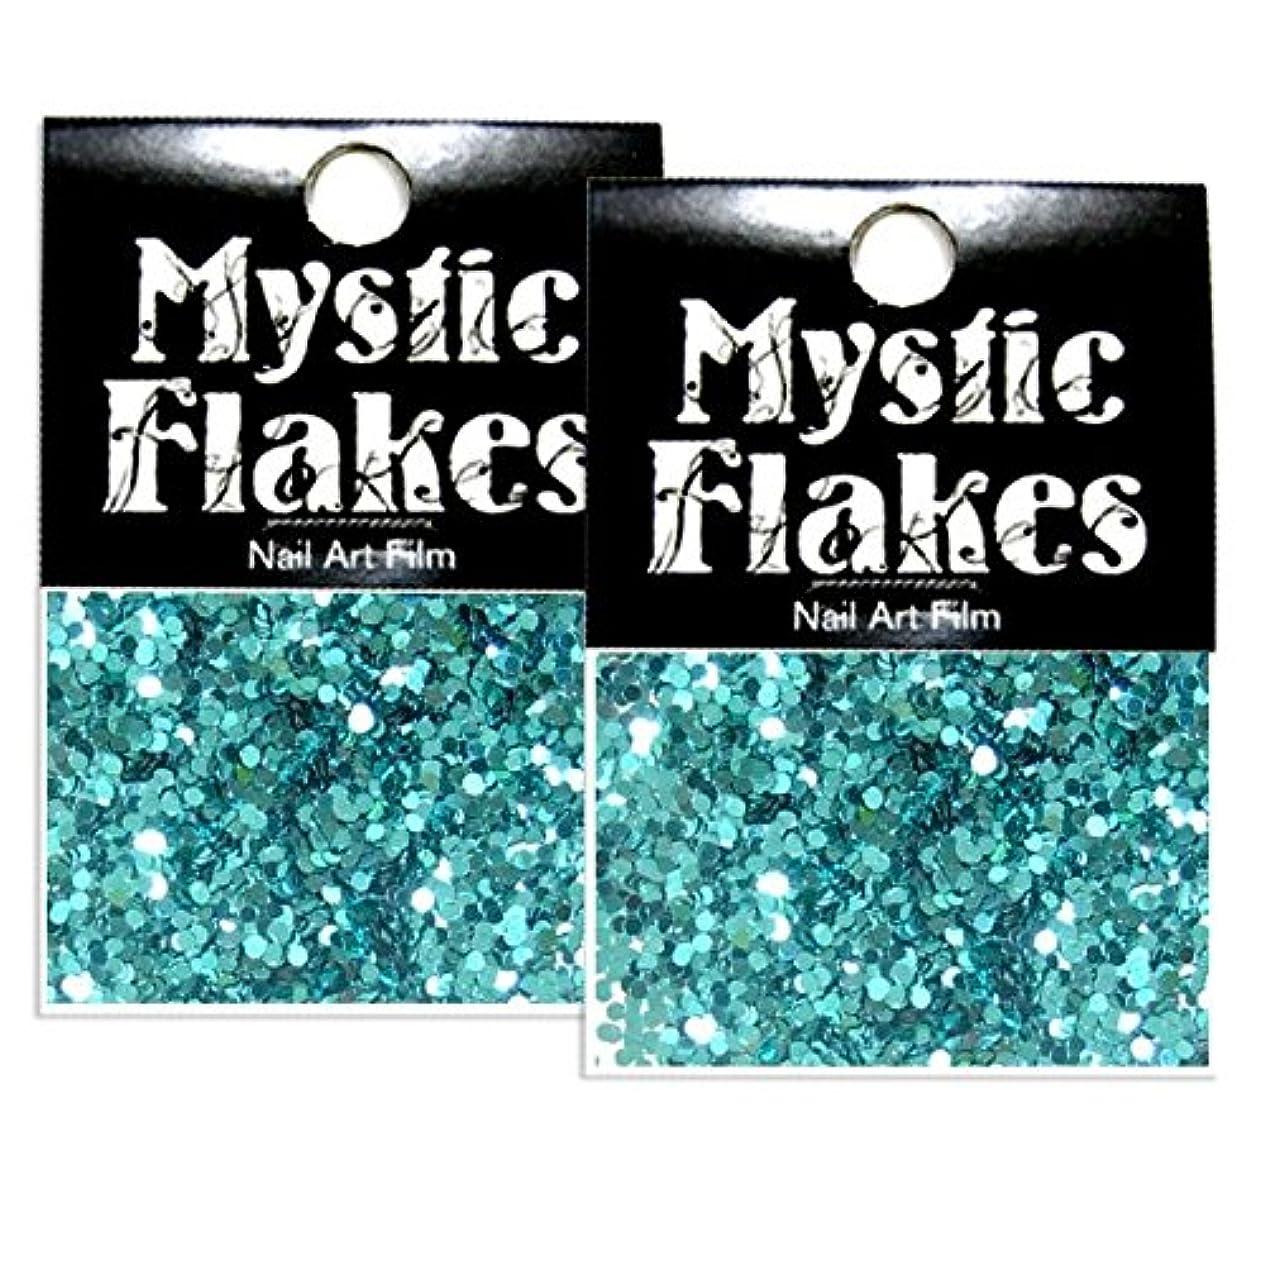 推測許容できる因子ミスティックフレース ネイル用ストーン メタリックエメラルドグリーン ヘキサゴン 1mm 0.5g 2個セット